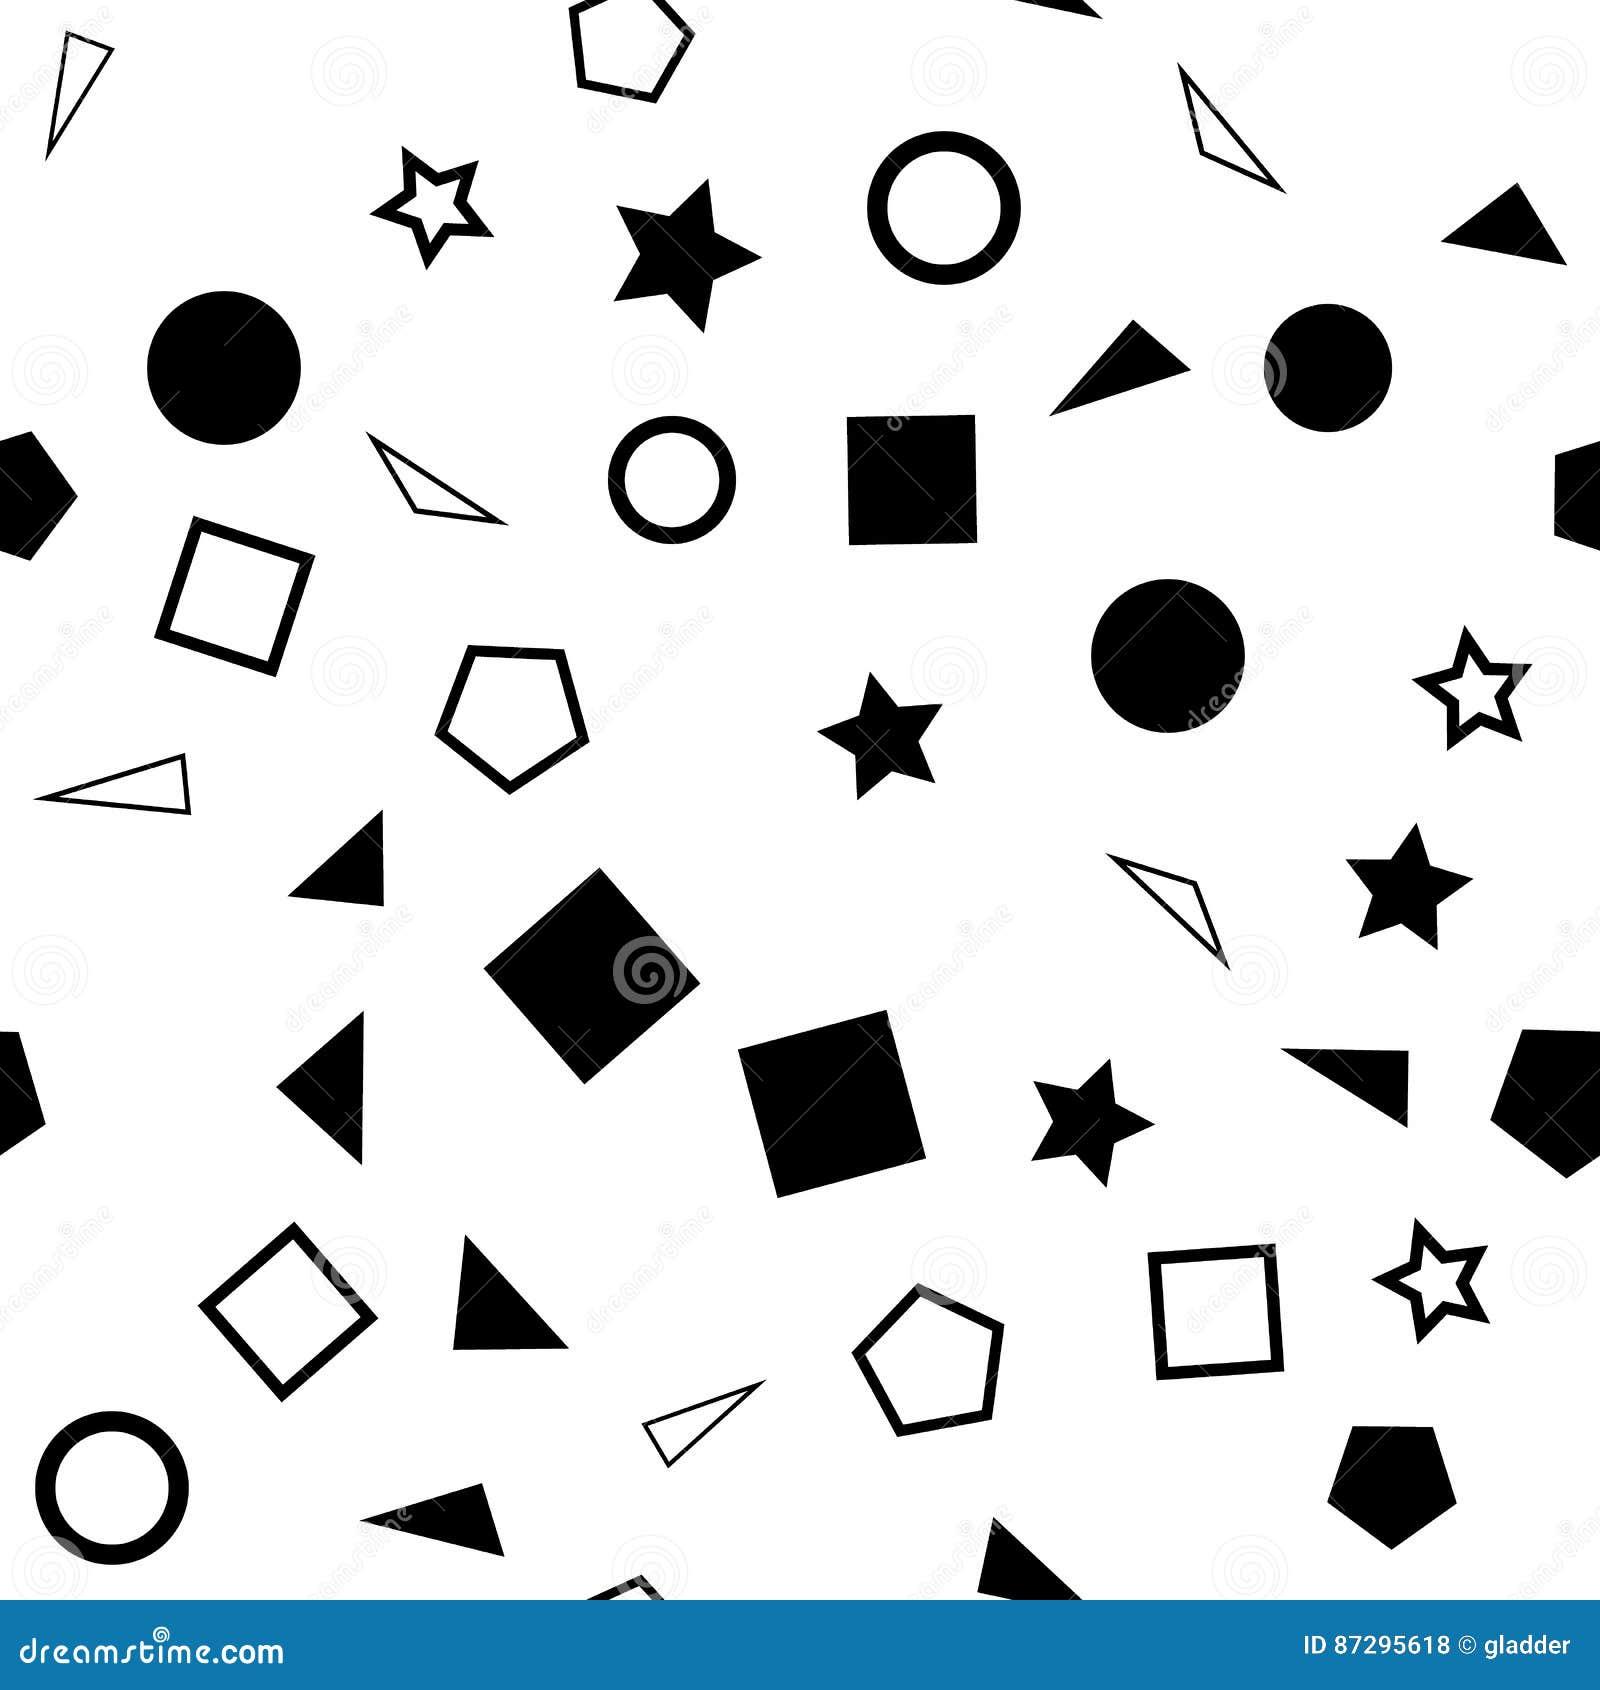 Vector l illustrazione di un modello senza cuciture delle forme semplici in bianco e nero - quadrati, triangoli, cerchi e stelle